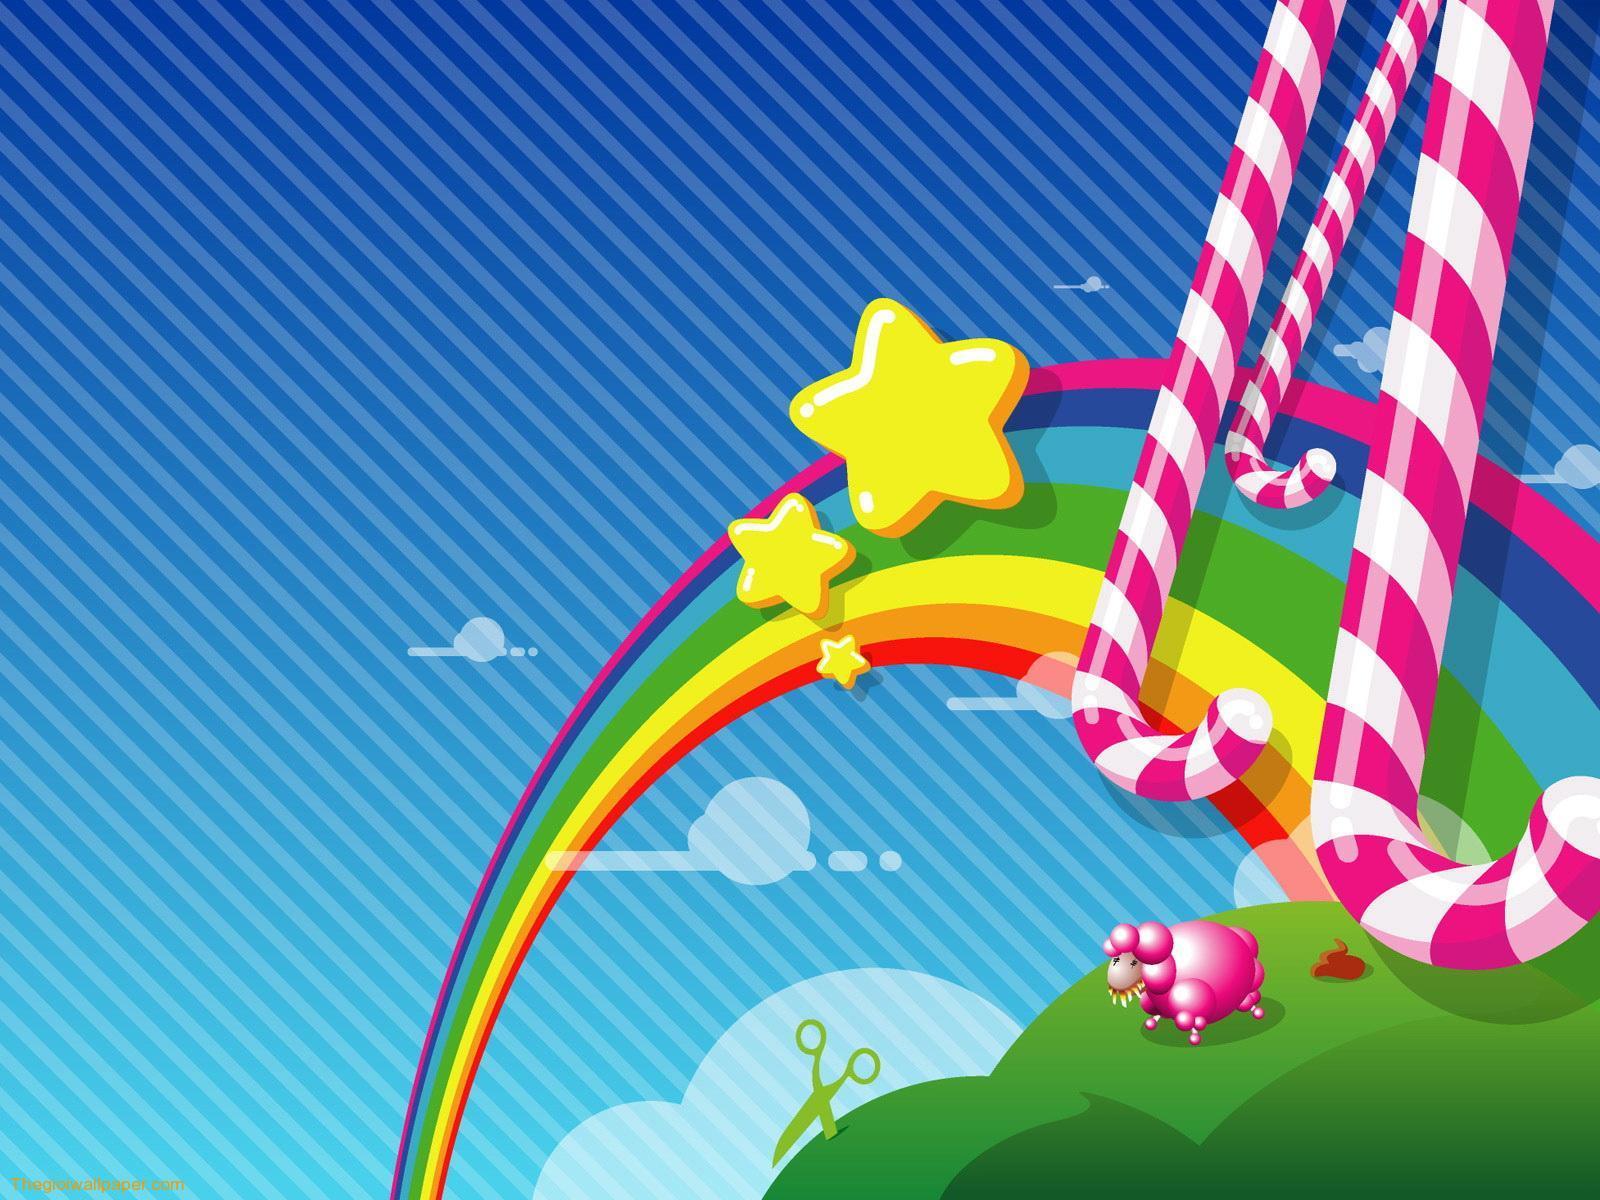 конфеты, карамель, звездочки, небо, скачать фото, обои для рабочего стола, радуга